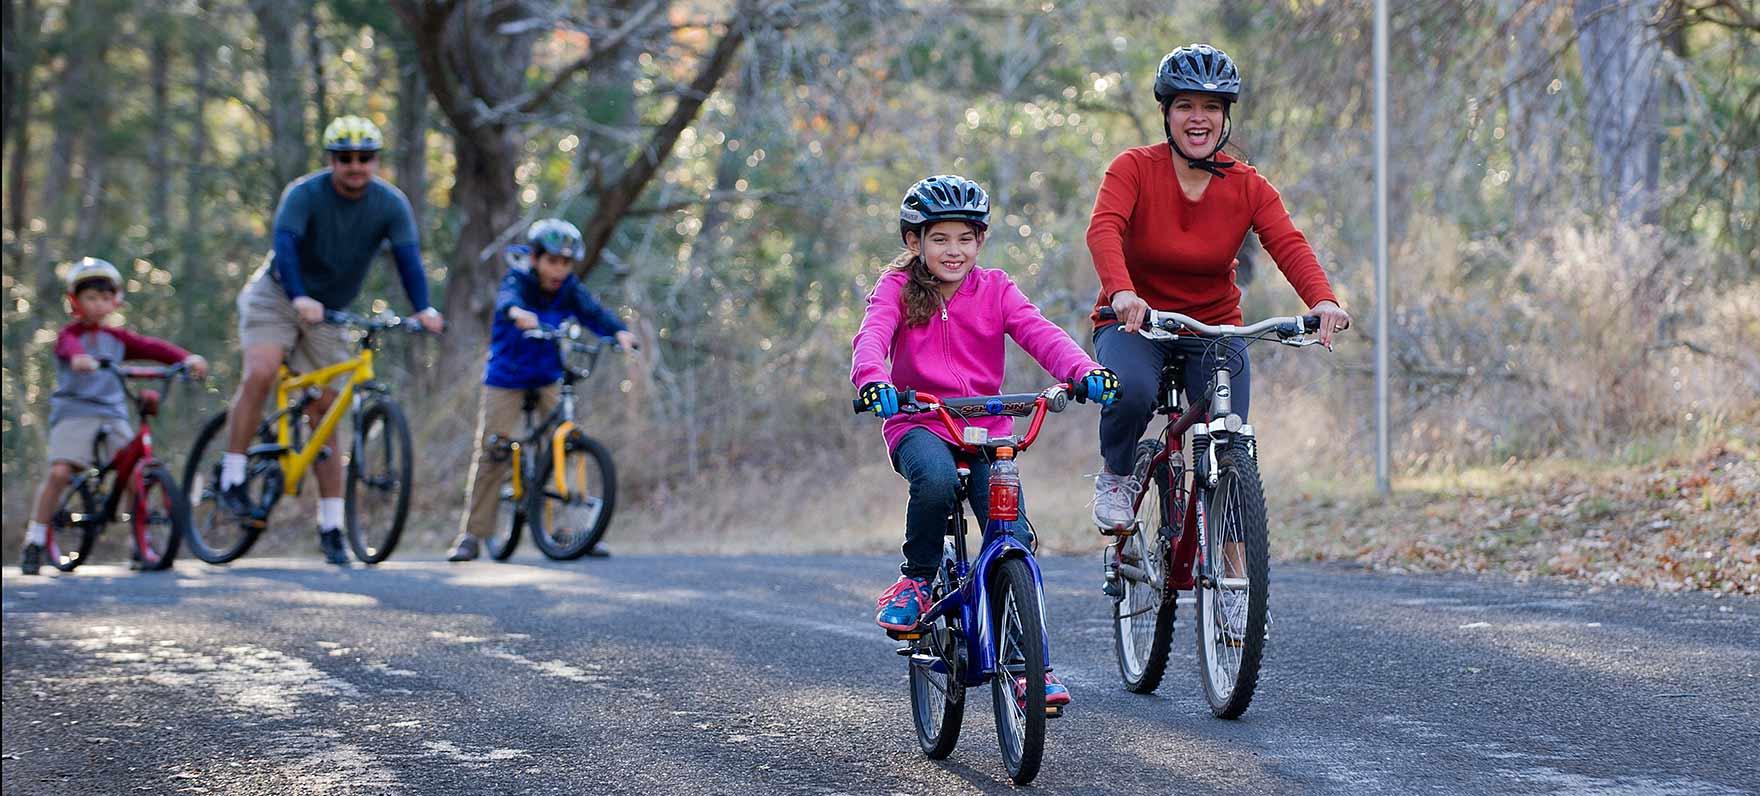 Biking in Buescher State Park